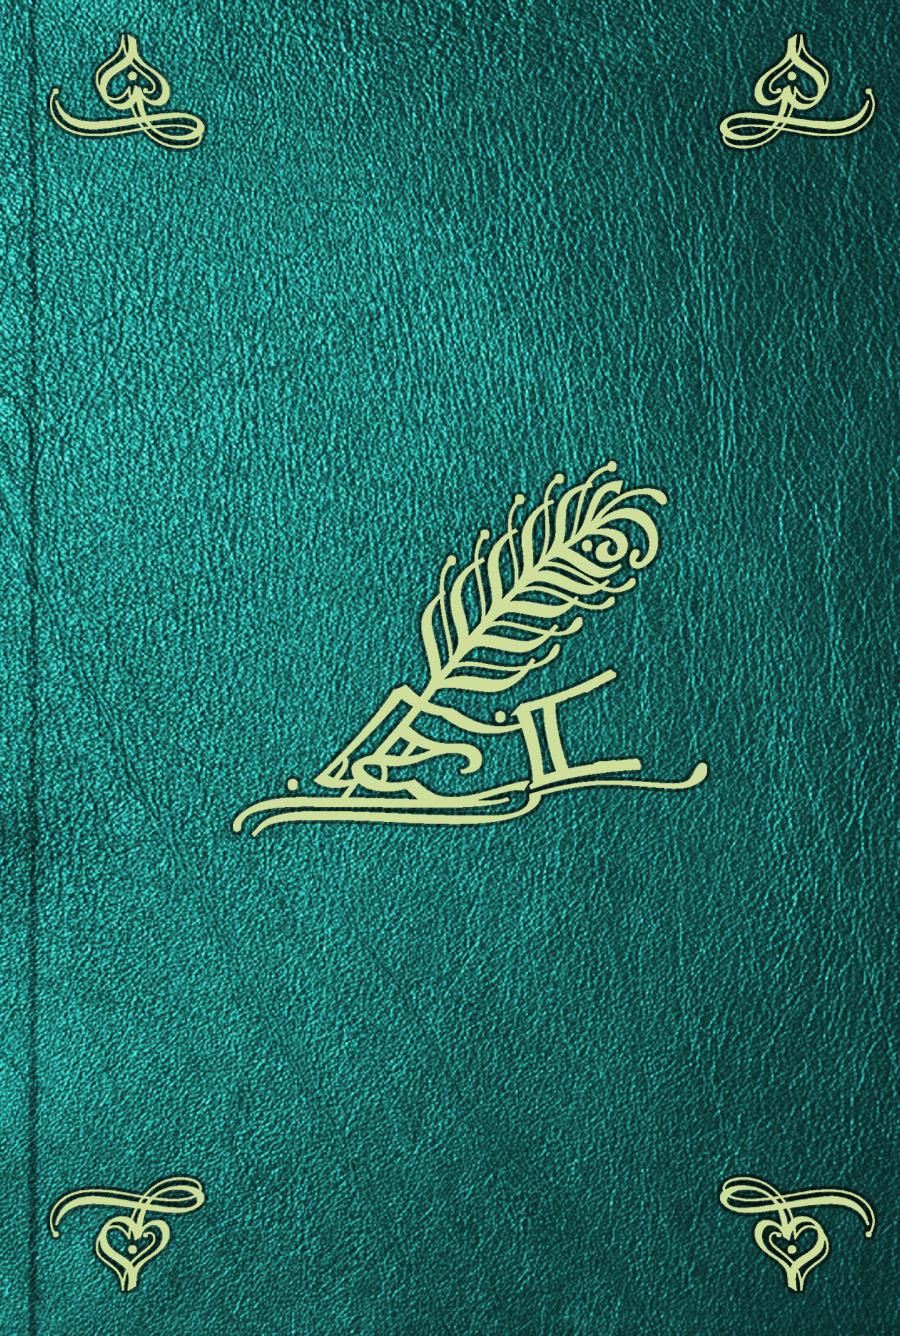 Comte de Buffon Georges Louis Leclerc Histoire naturelle. T. 16. Oiseaux comte de buffon georges louis leclerc histoire naturelle t 8 oiseaux